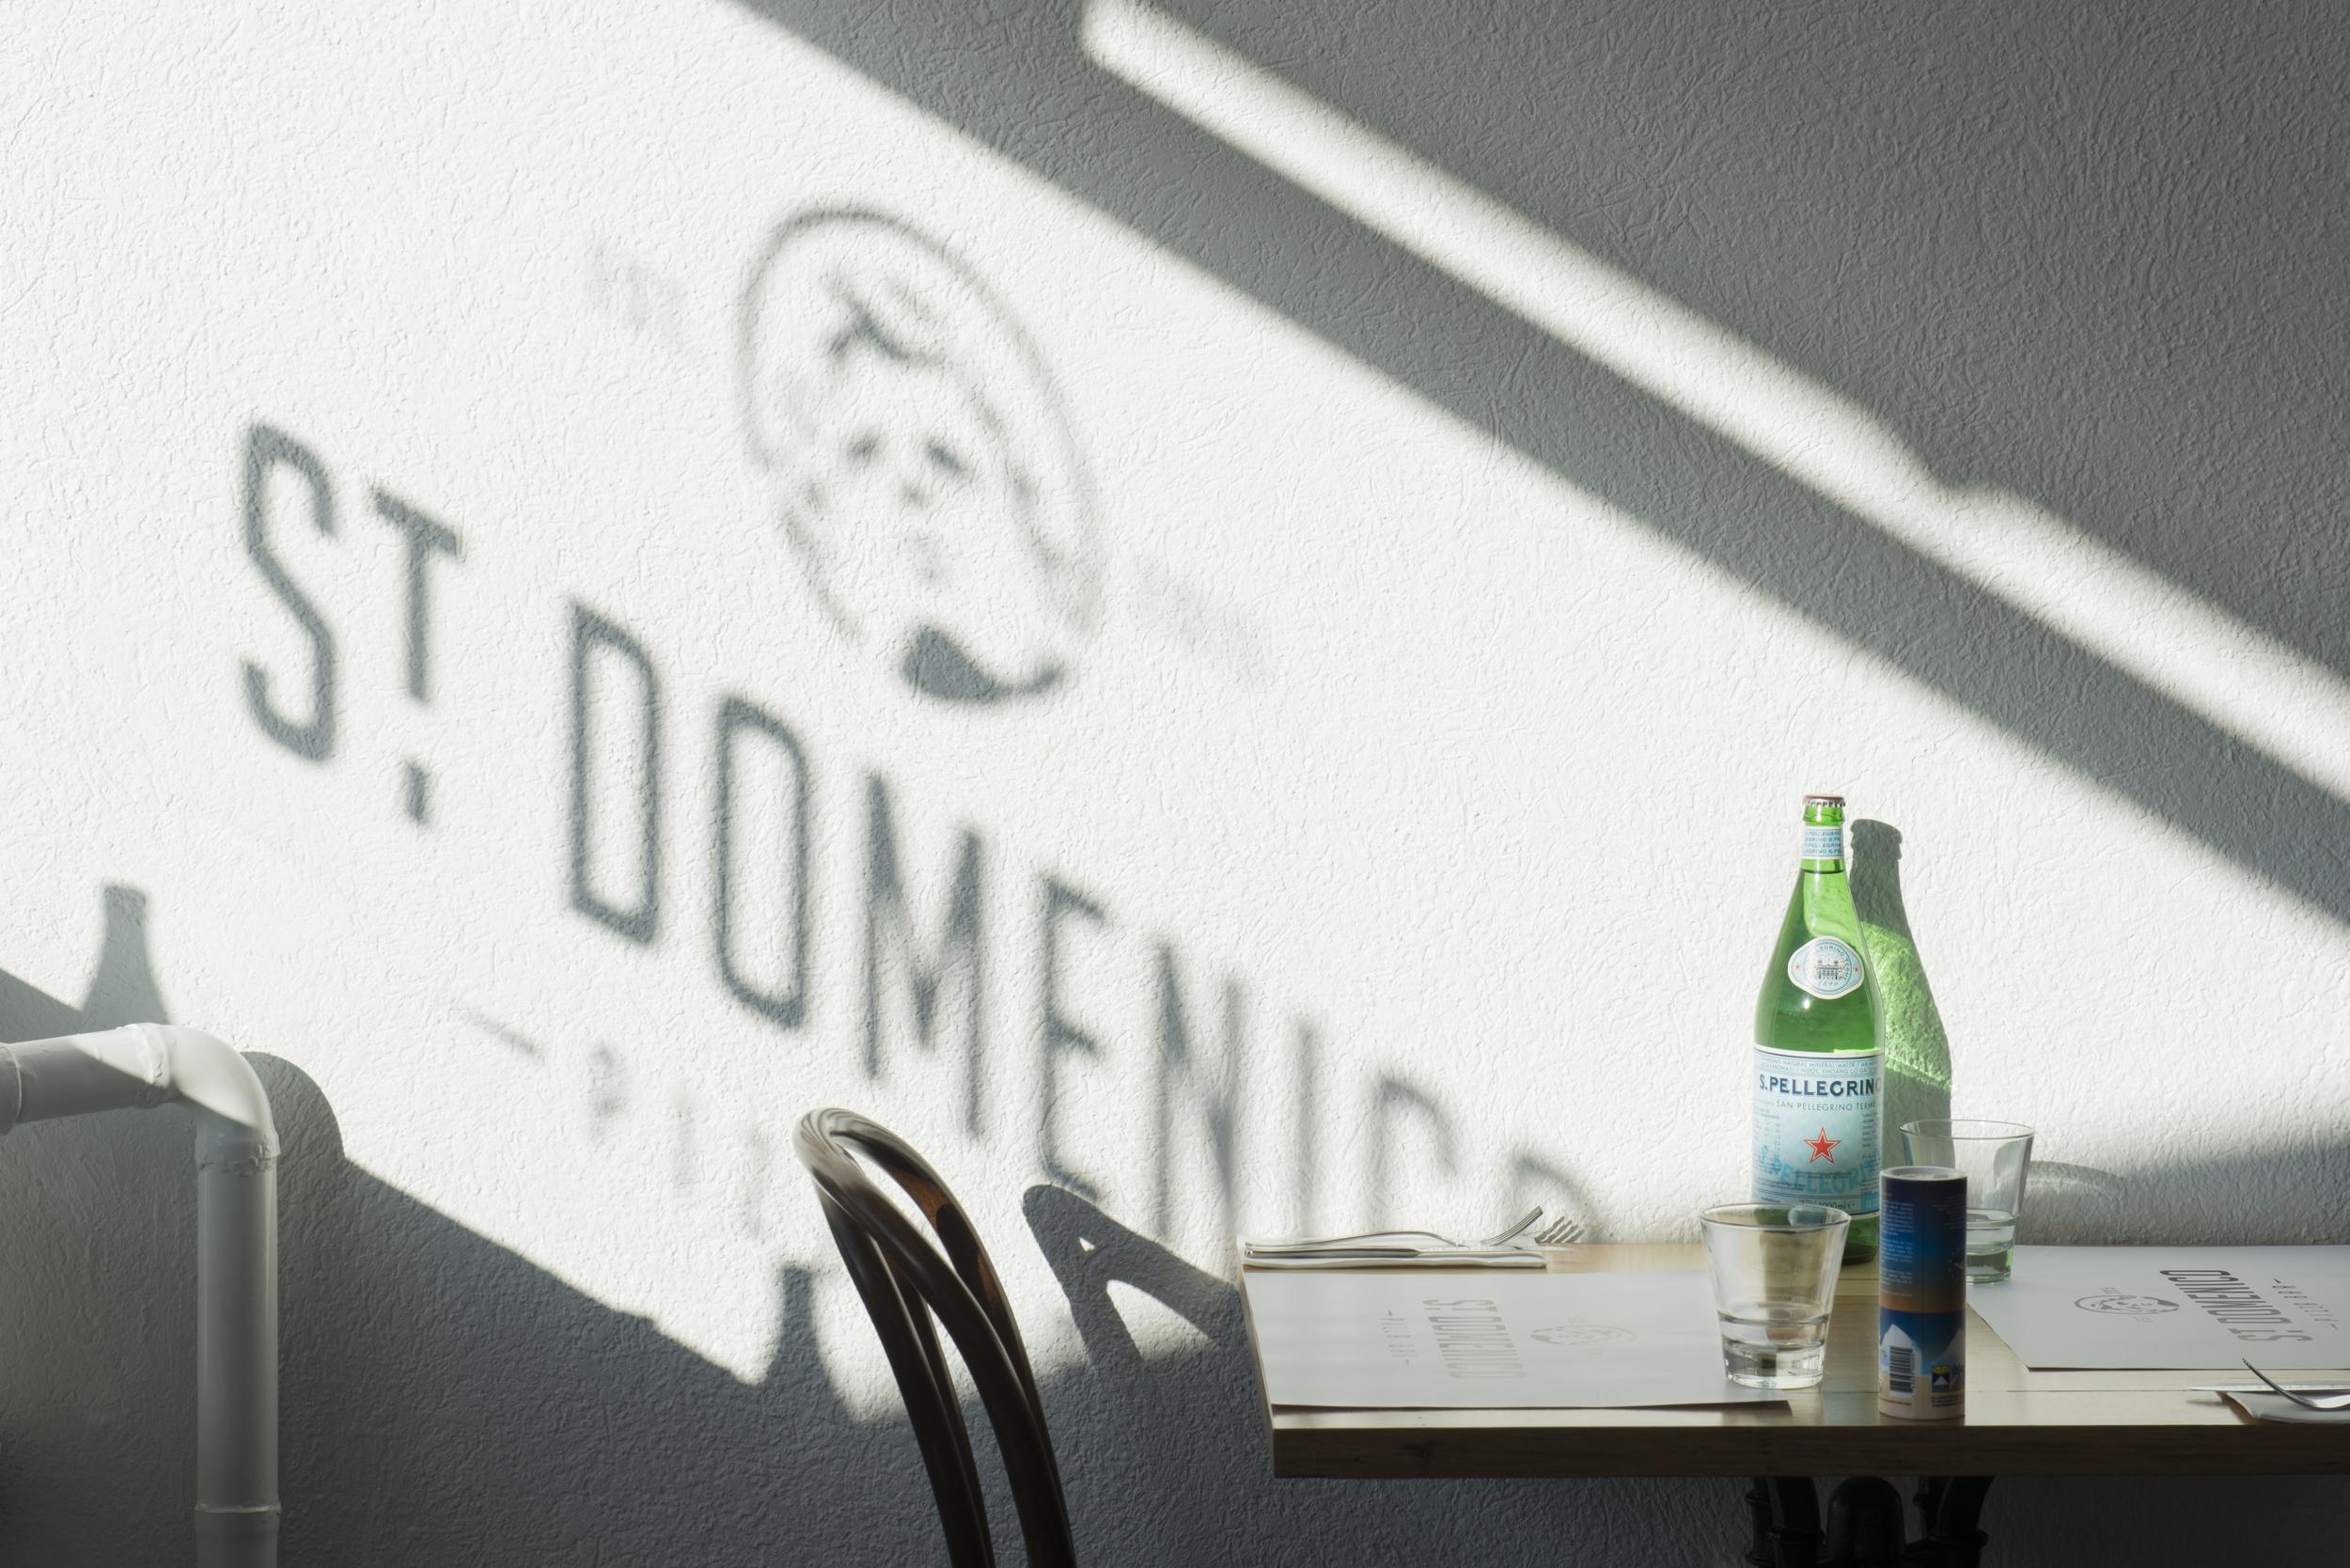 ST DOMENICO - BROADSHEET